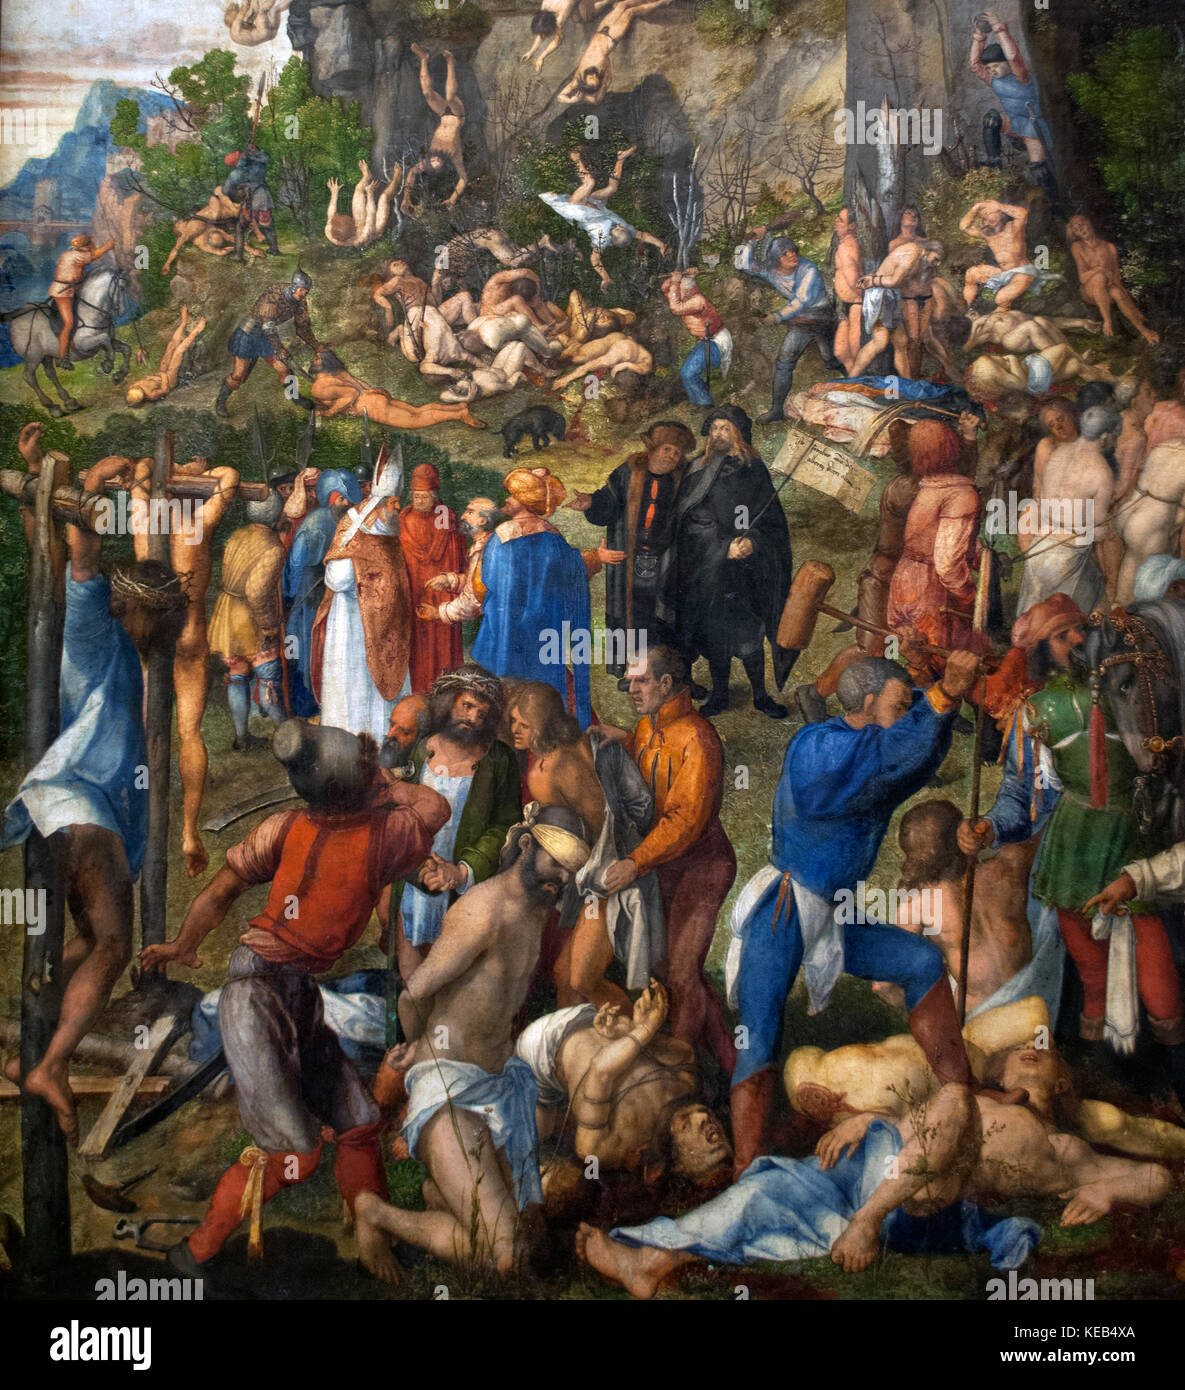 Albrecht Dürer (1471-1528). deutscher Maler der Renaissance. das Martyrium der Zehntausend, 1508. Kunst Geschichte Stockbild